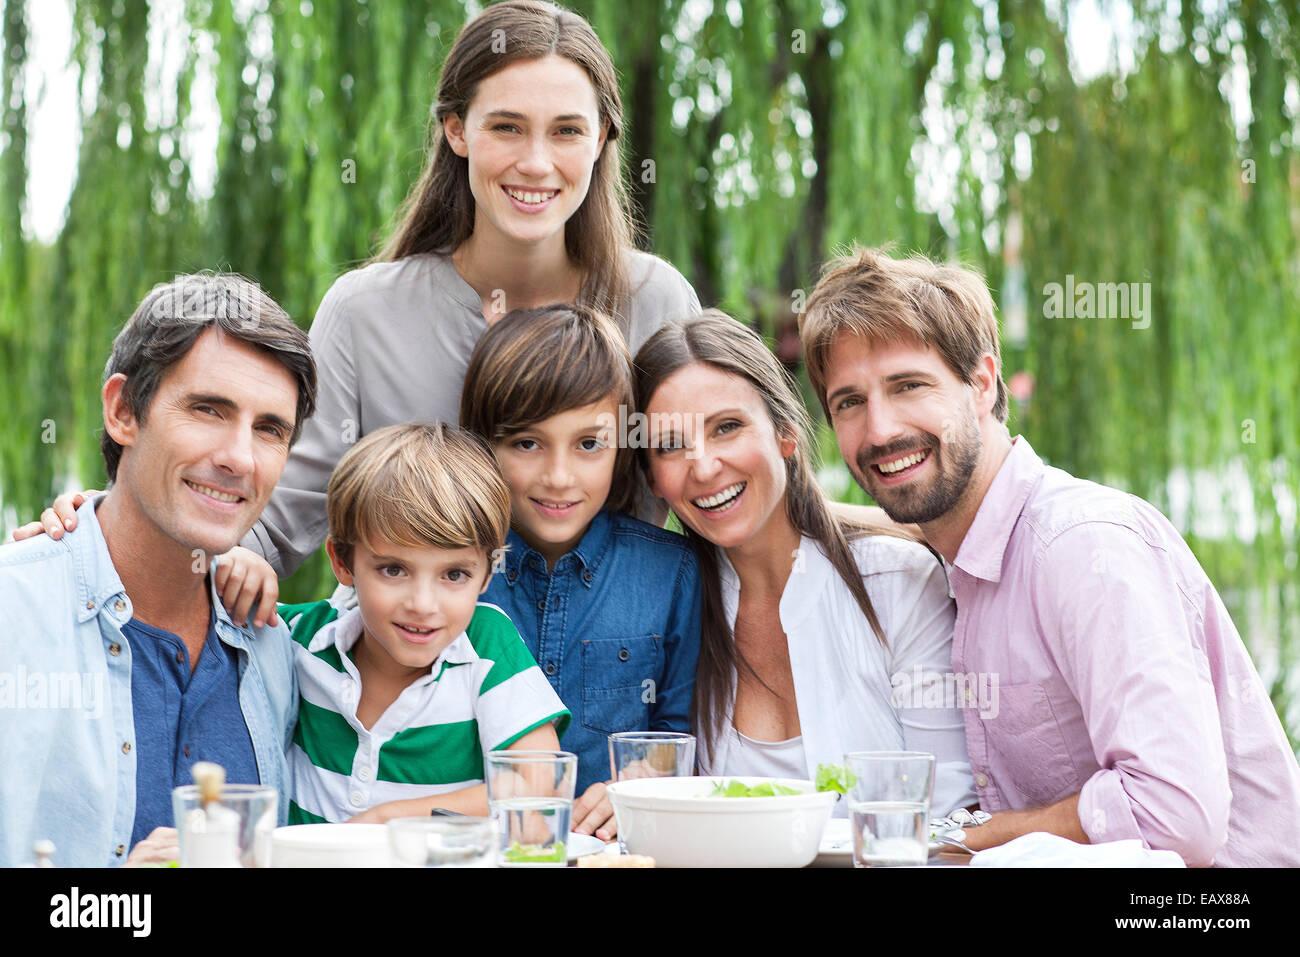 La famiglia in posa per ritratto a raccolta esterna Immagini Stock